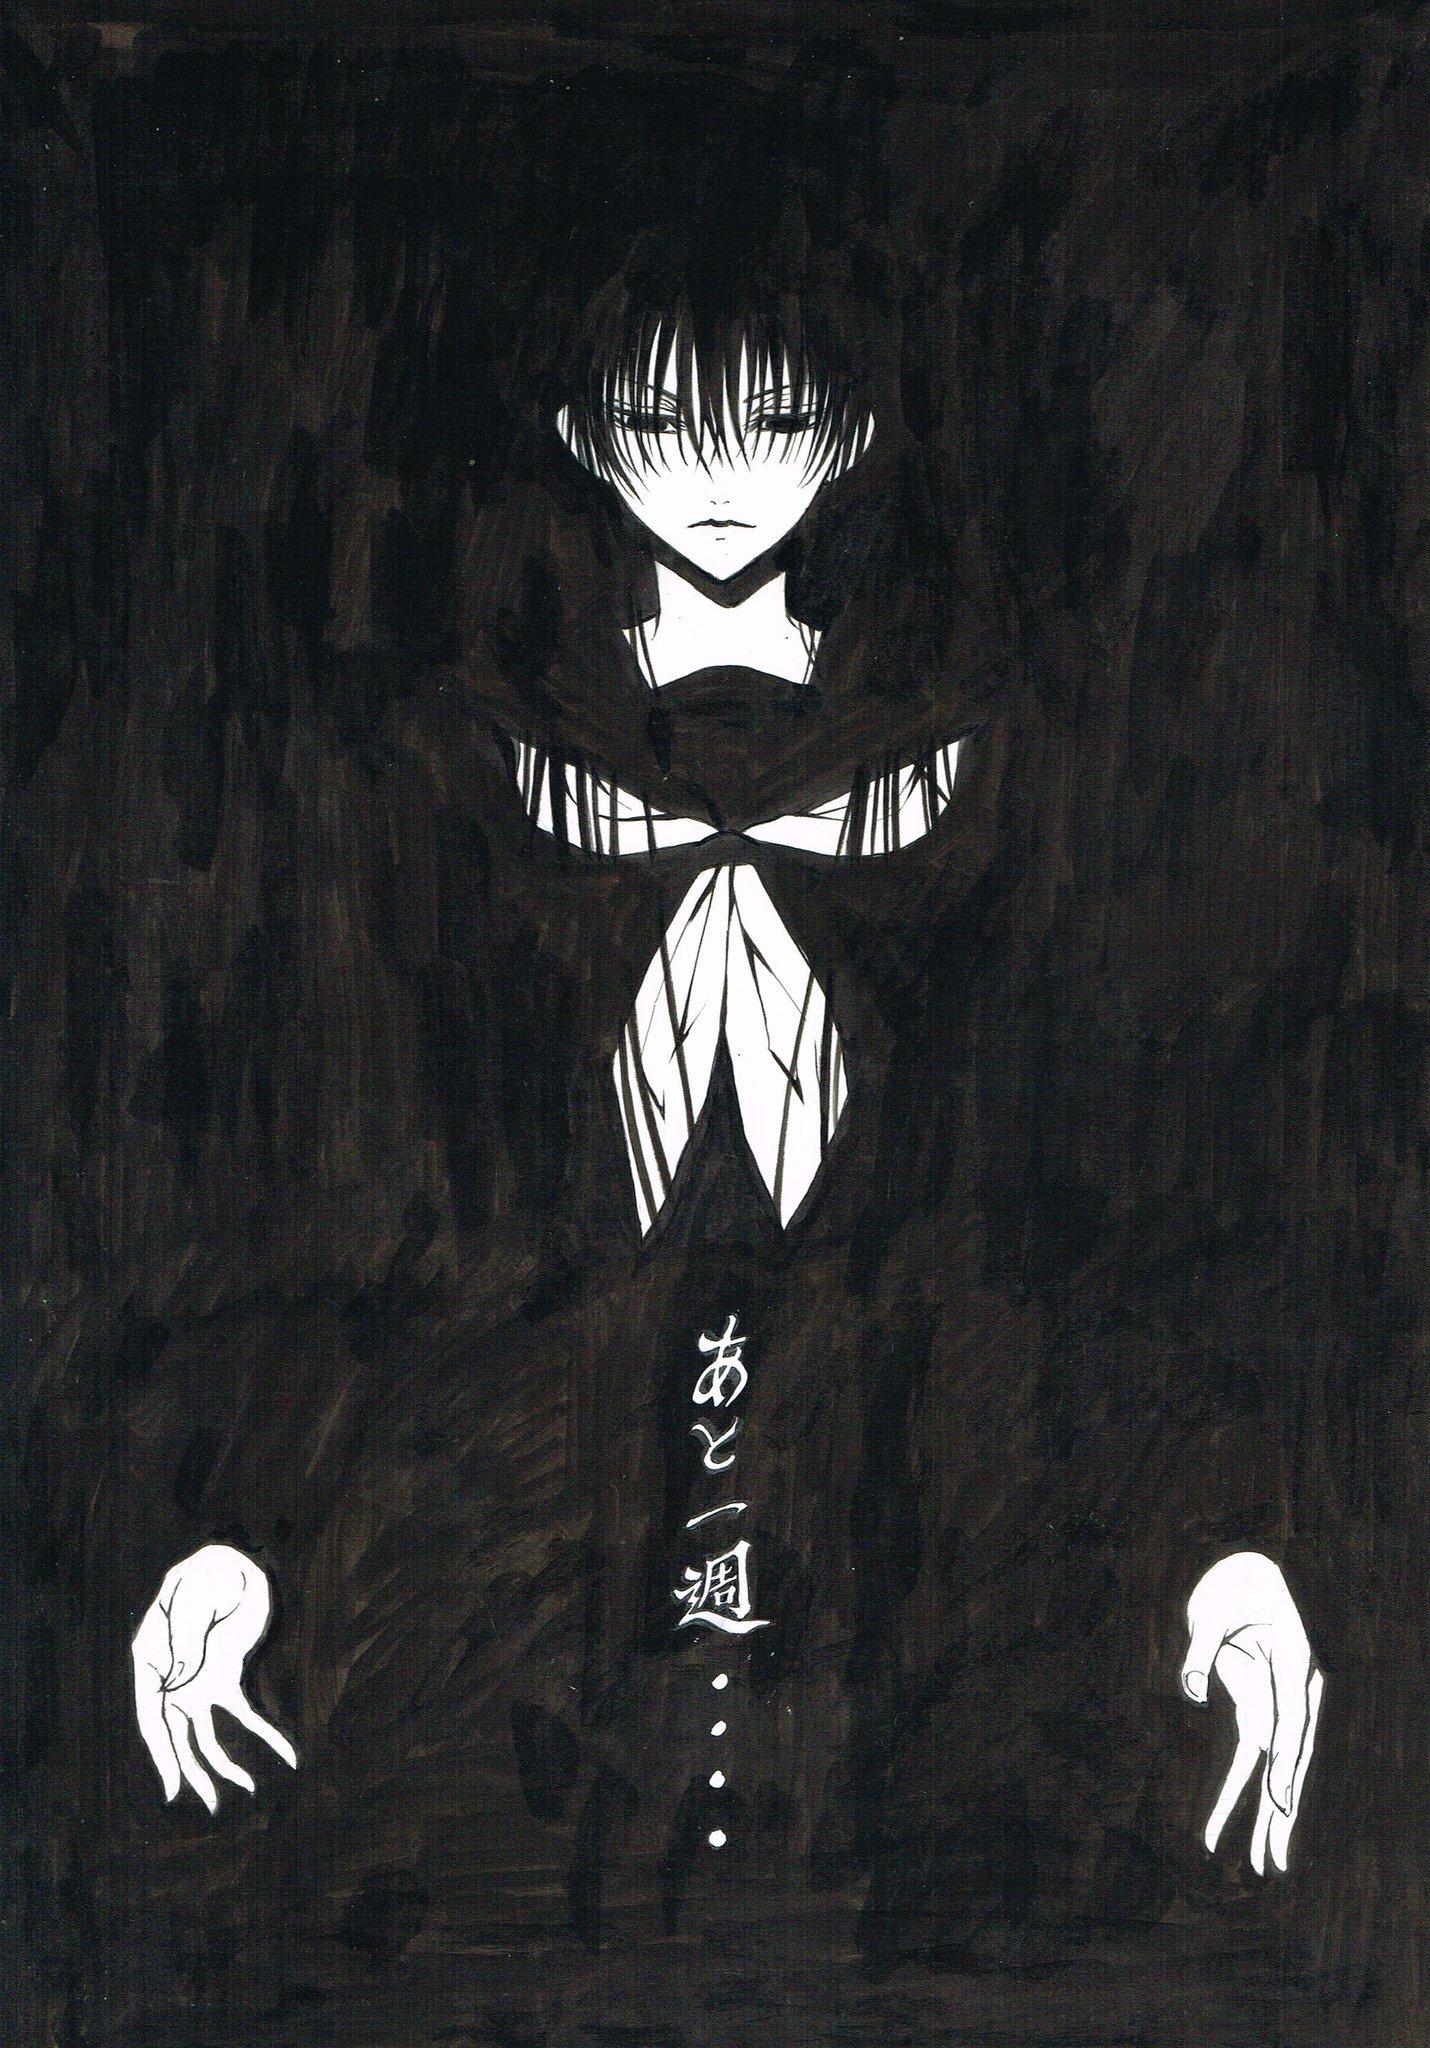 『ぬら孫』京妖怪の首領!漆黒の美女・羽衣狐の最後と復活後の姿